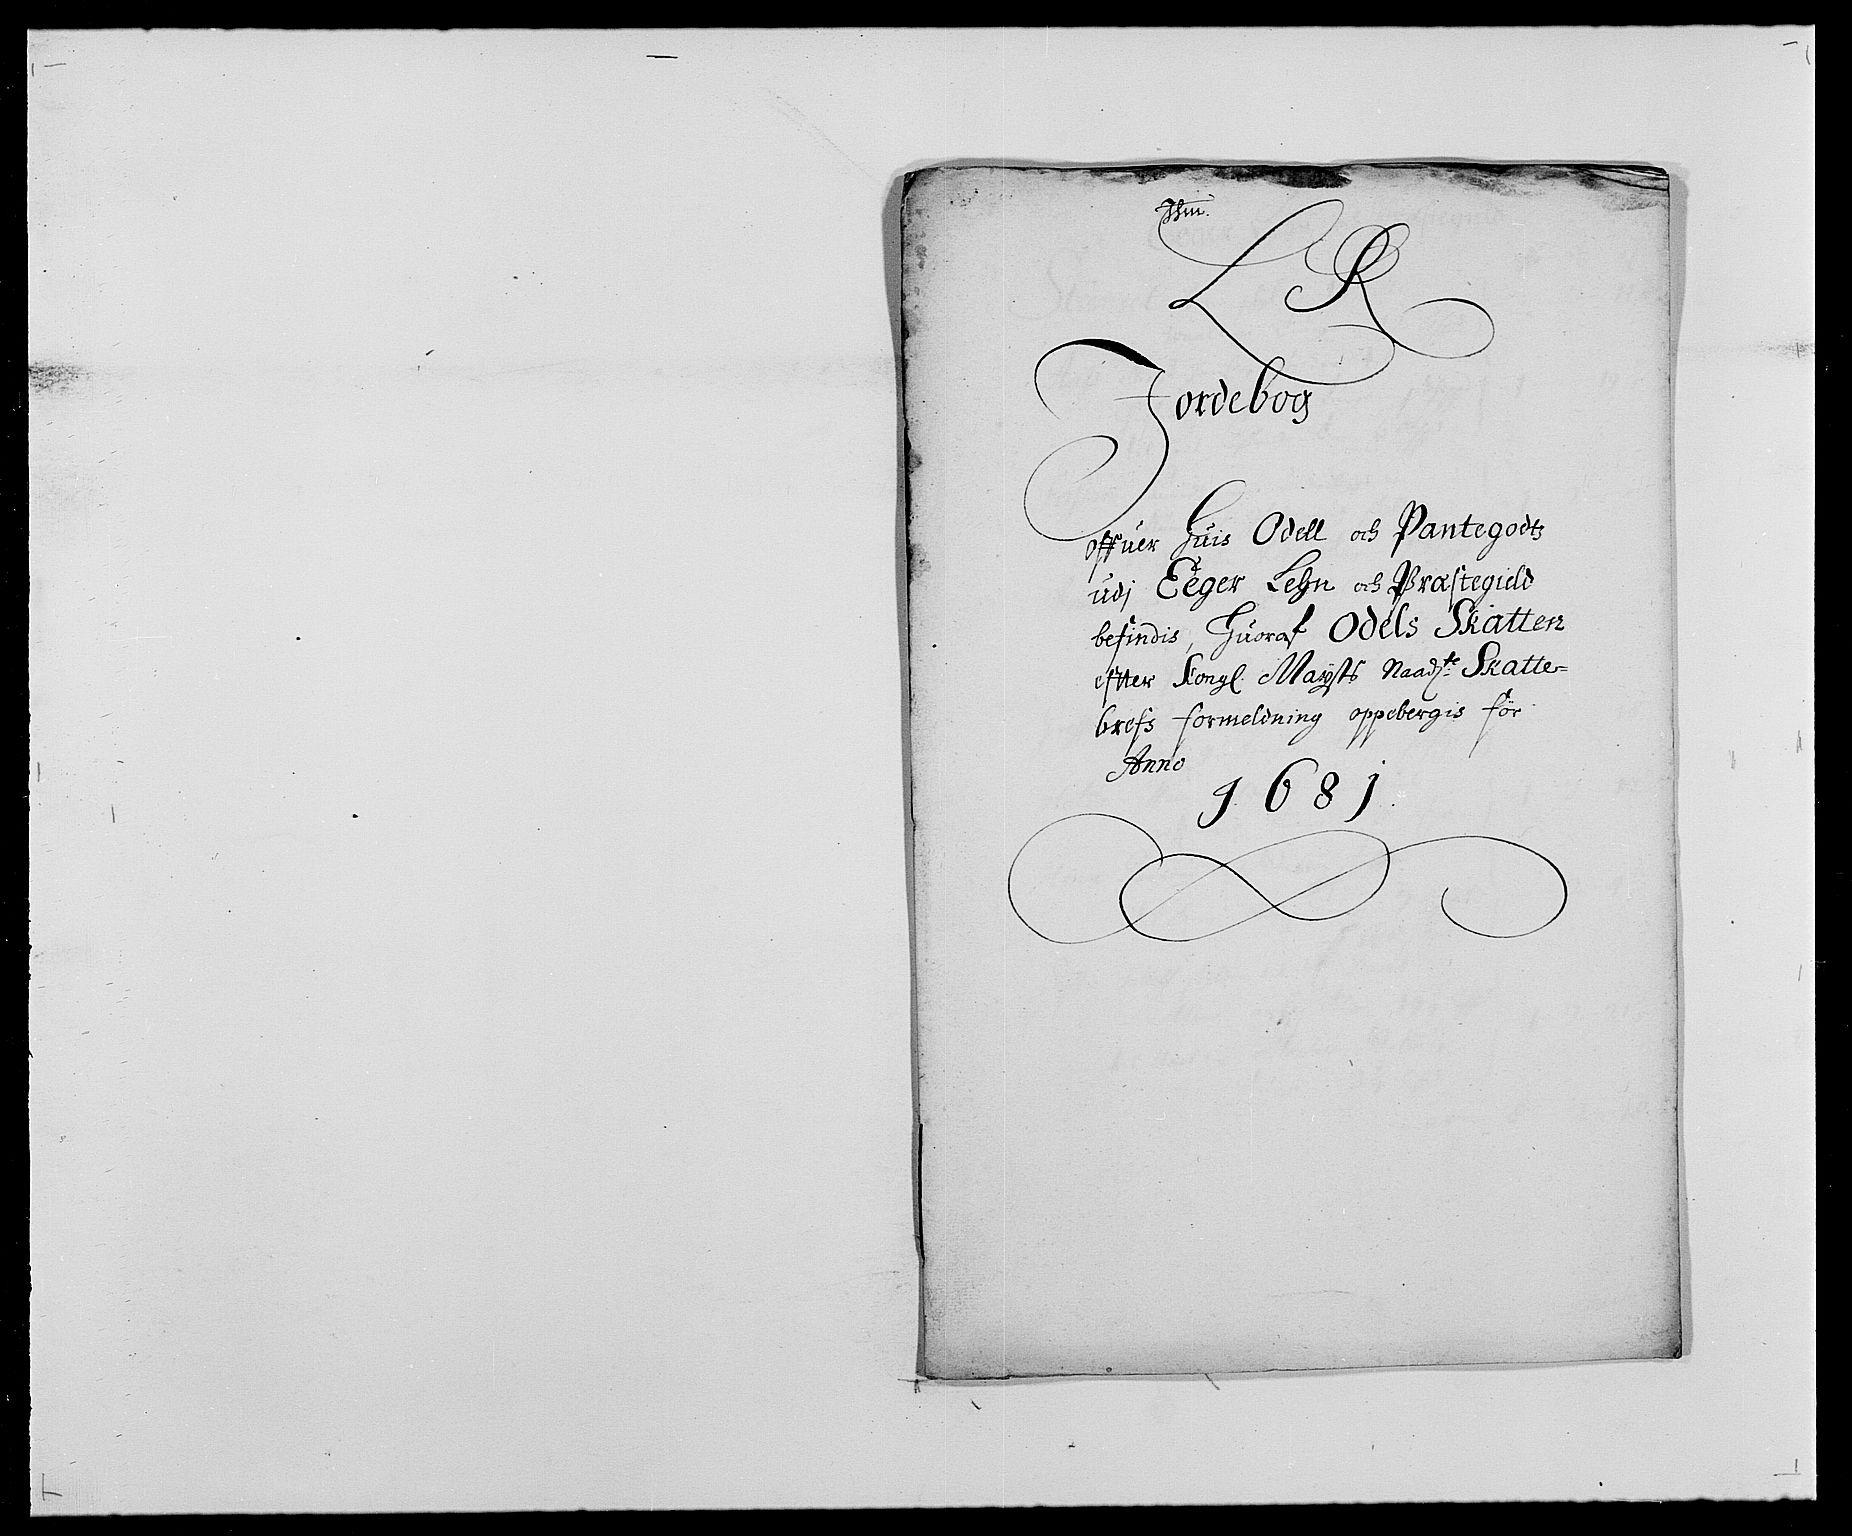 RA, Rentekammeret inntil 1814, Reviderte regnskaper, Fogderegnskap, R26/L1684: Fogderegnskap Eiker, 1679-1686, s. 237